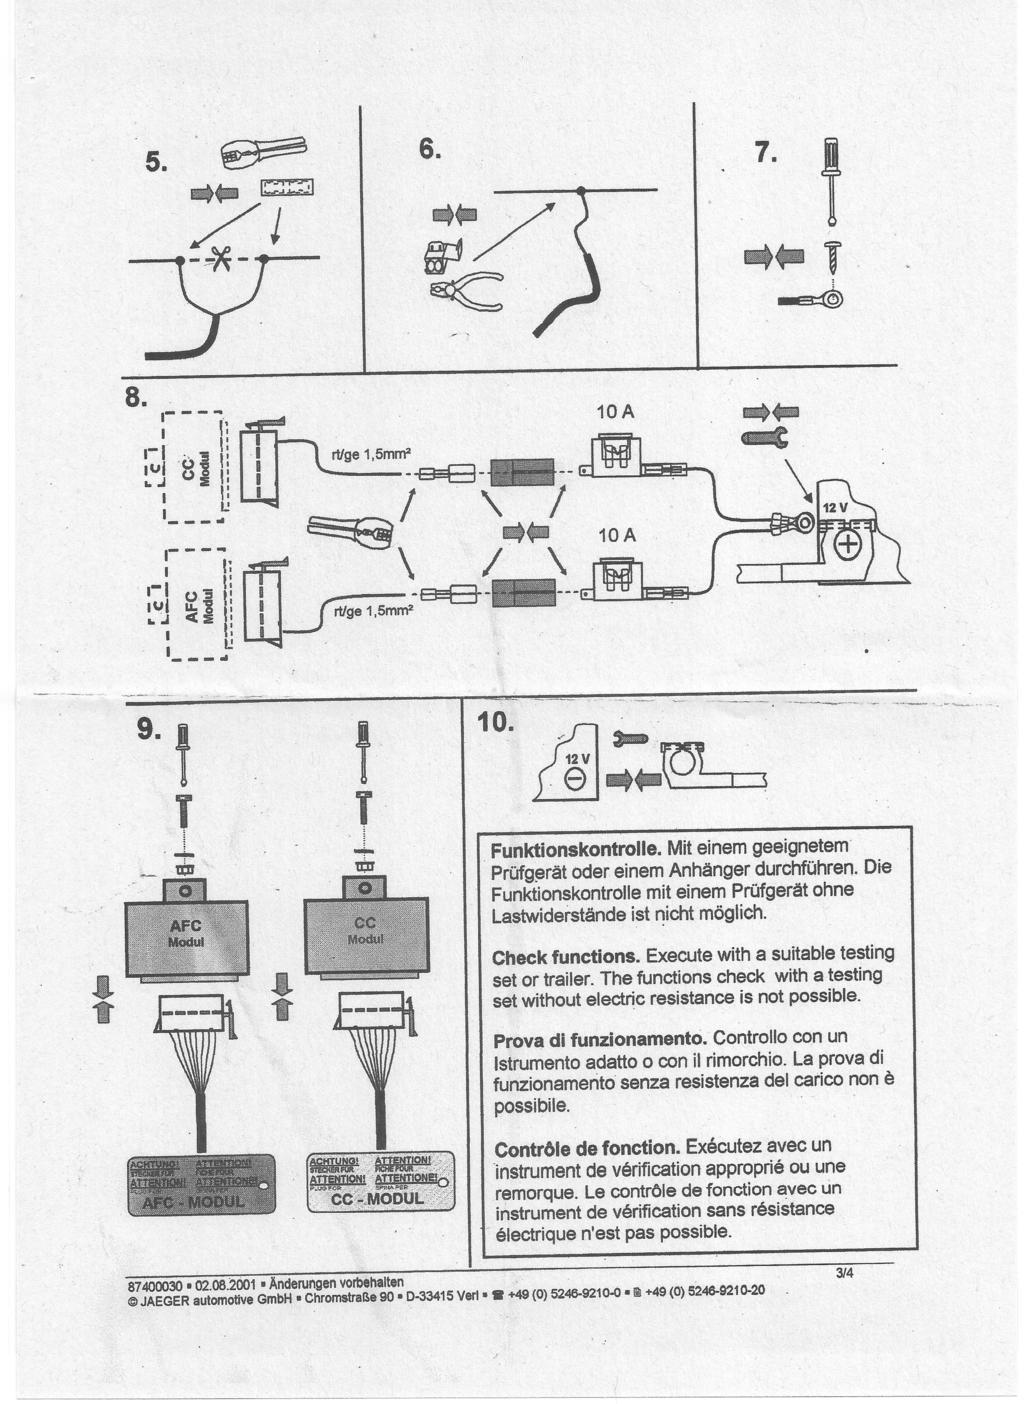 Groß 2000 F250 Verdrahtungsschema Galerie - Elektrische Schaltplan ...